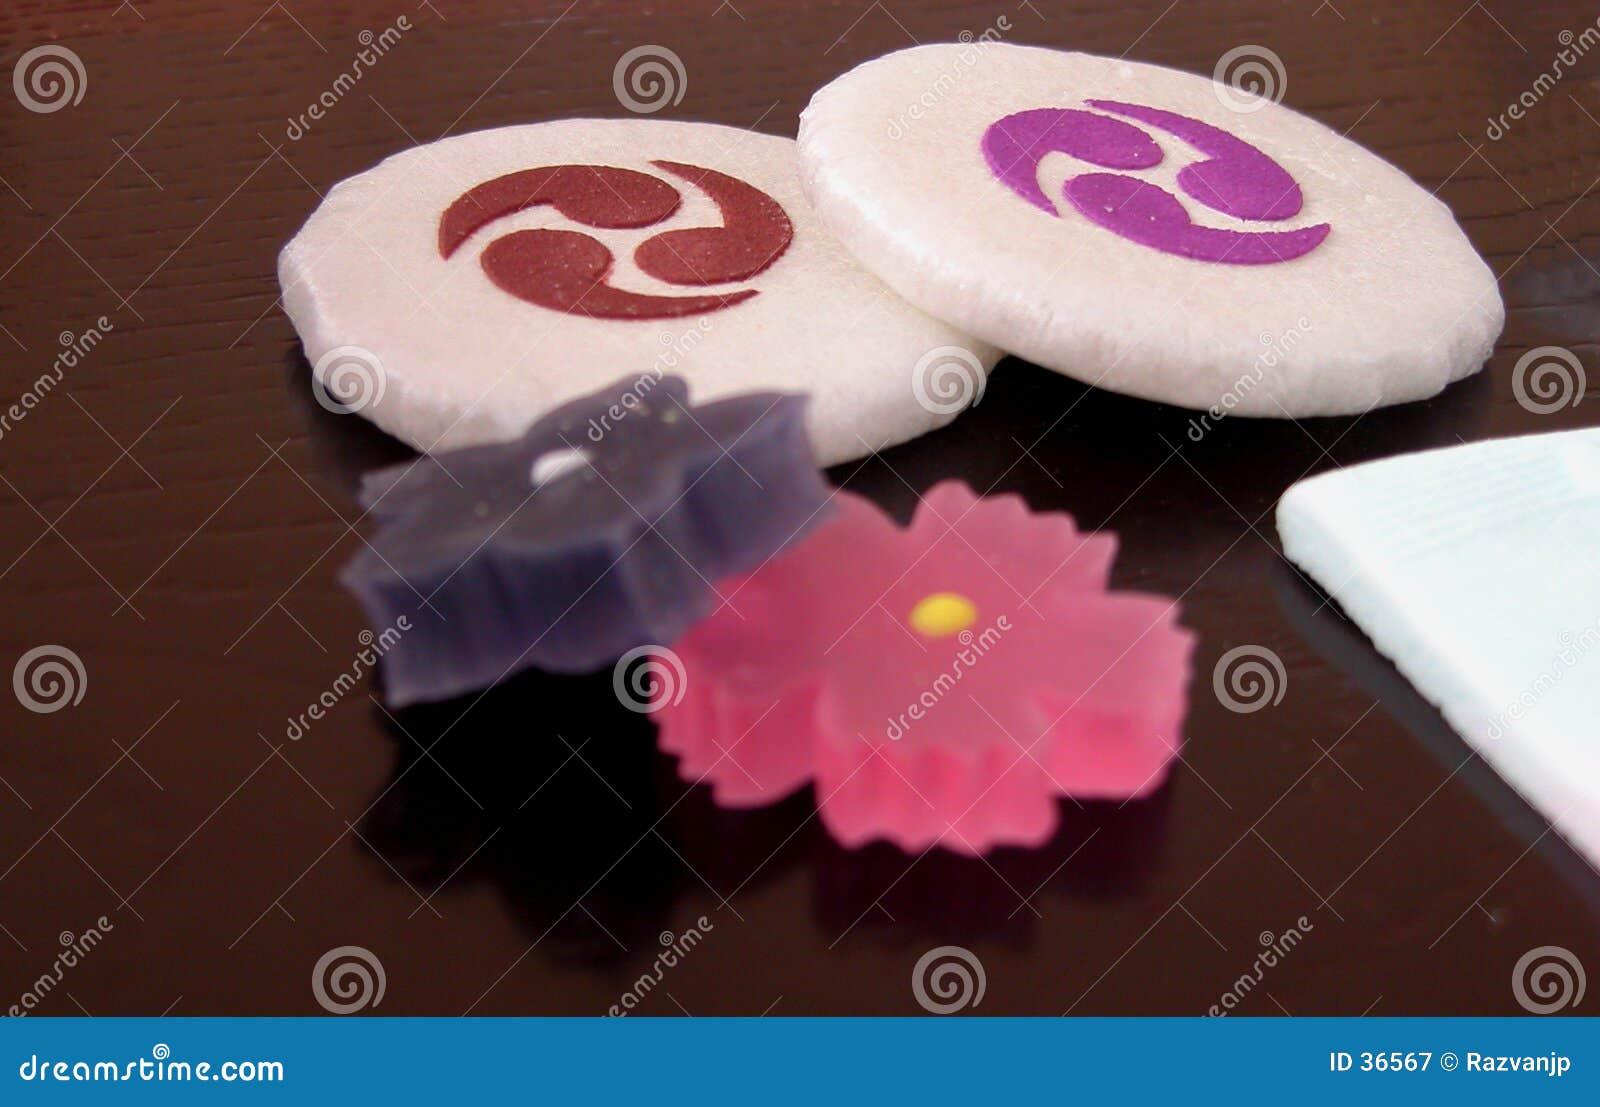 Download Dulces japoneses imagen de archivo. Imagen de dulce, gusto - 36567